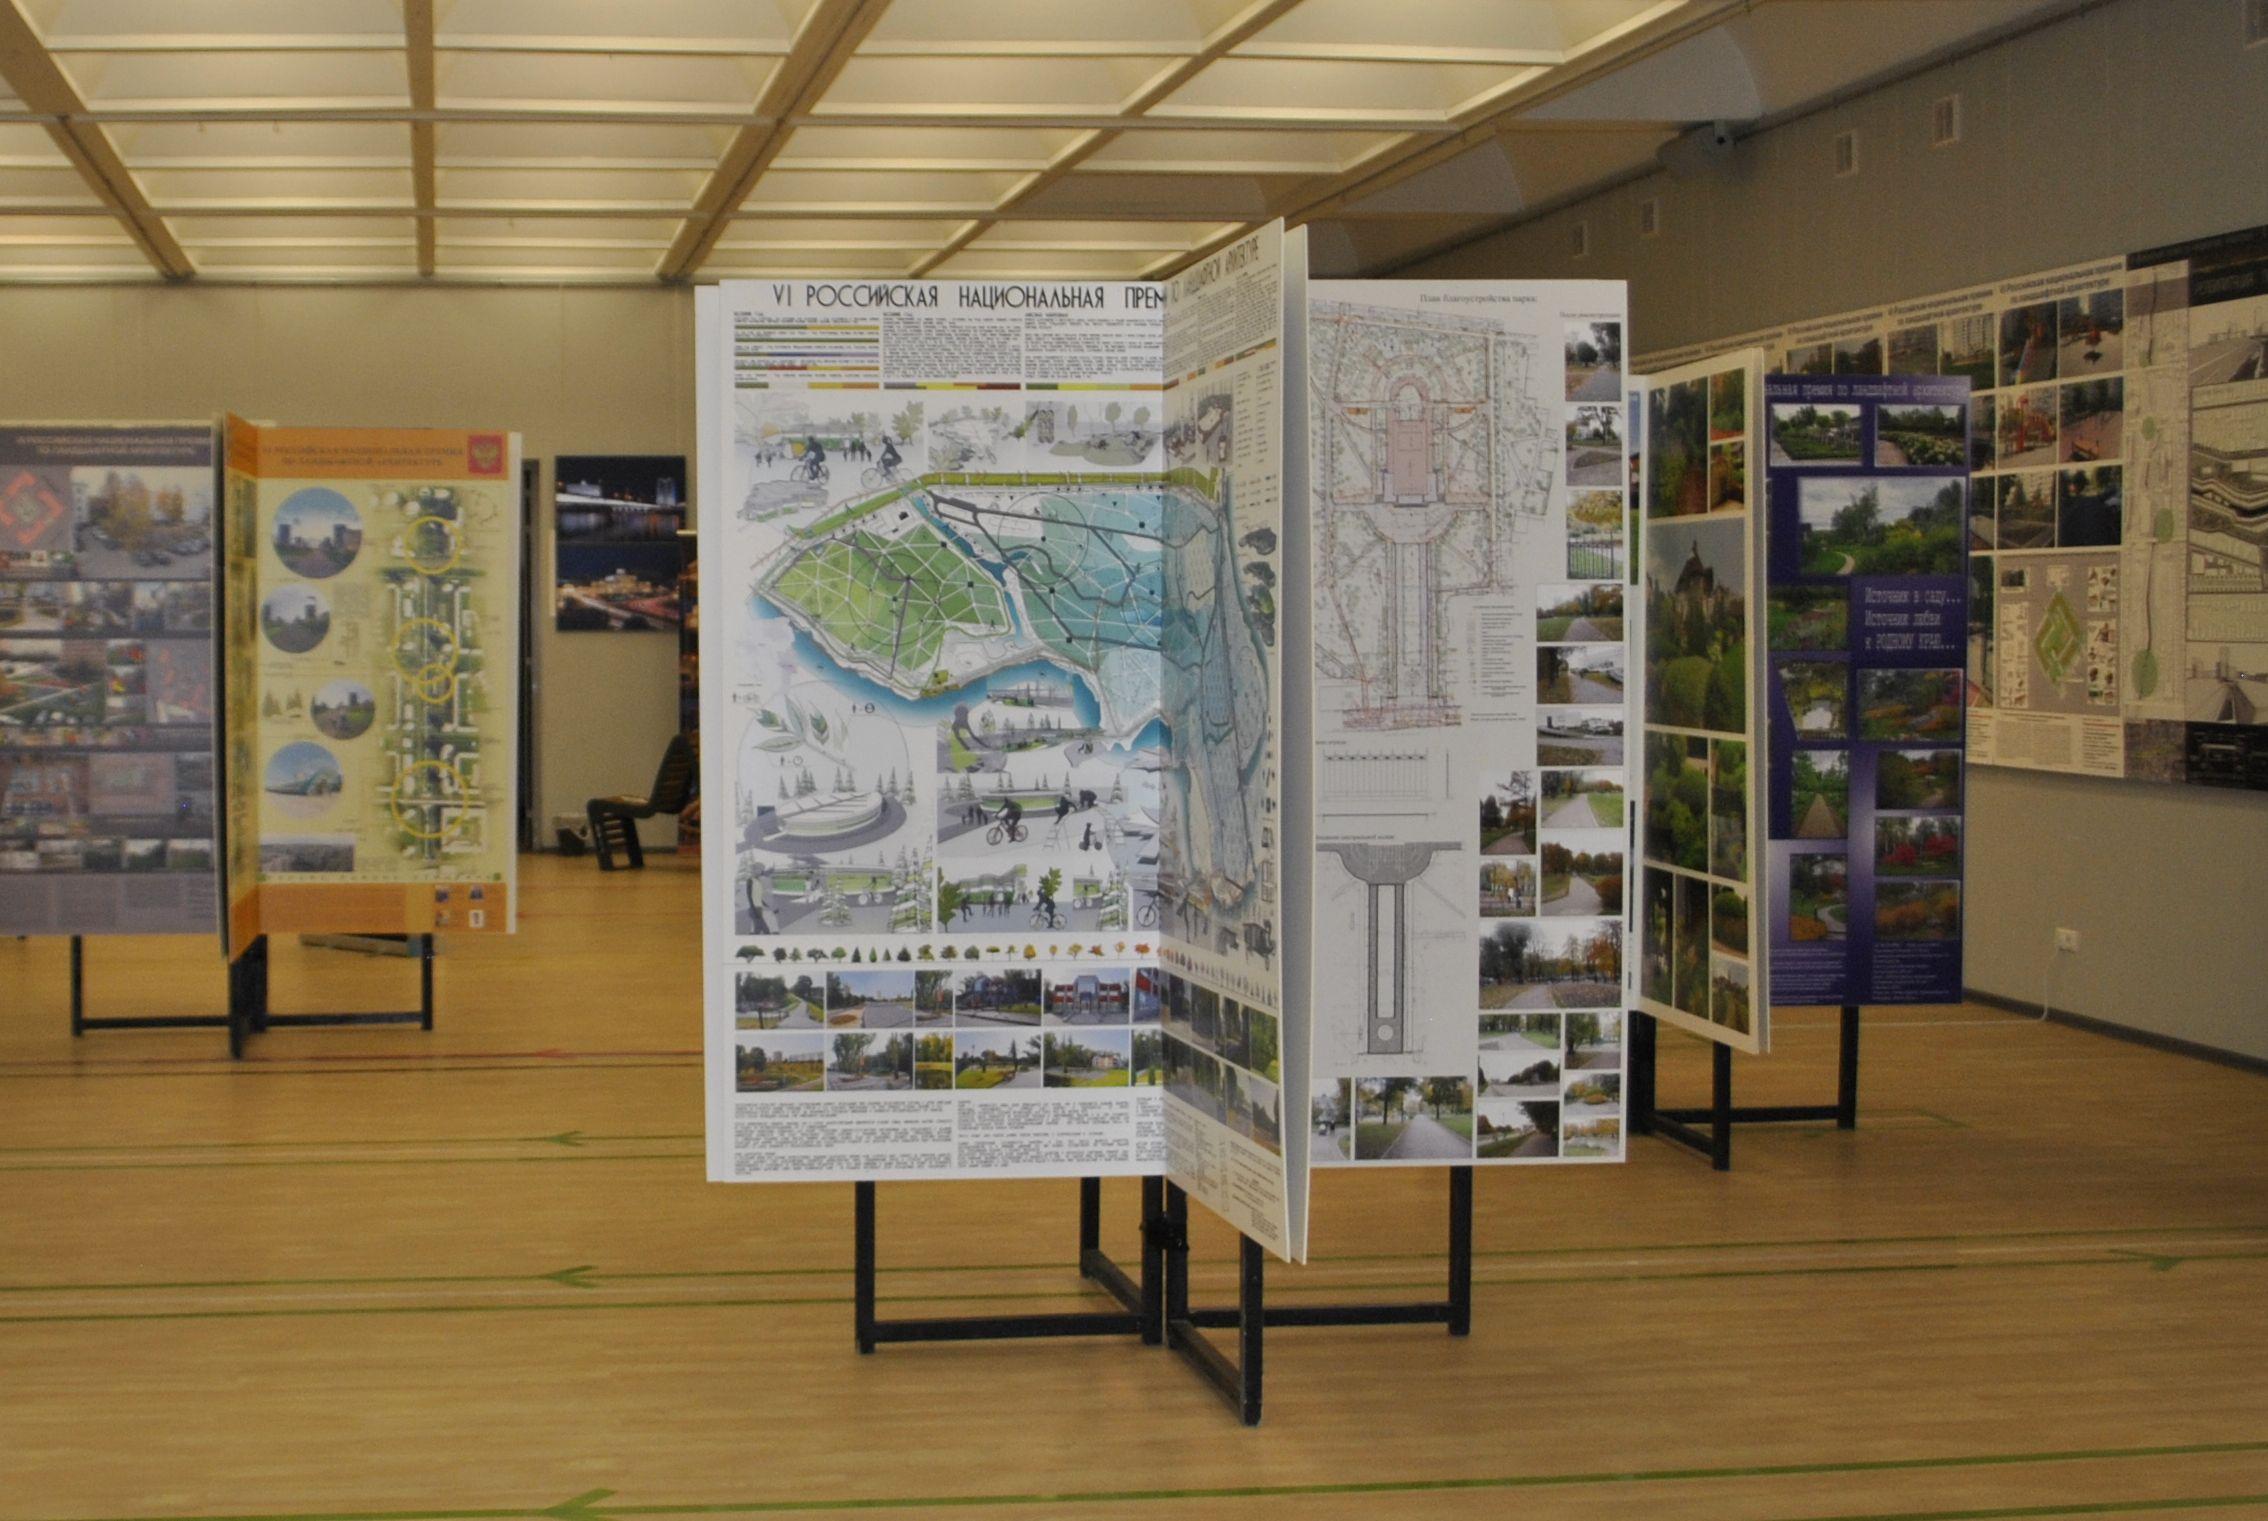 Дизайн код Сколково получил национальную премию по ландшафтной  Дизайн код Сколково стал обладателем золотого диплома в номинации Лучшее градостроительное решение концепция в рамках vi Российской национальной премии